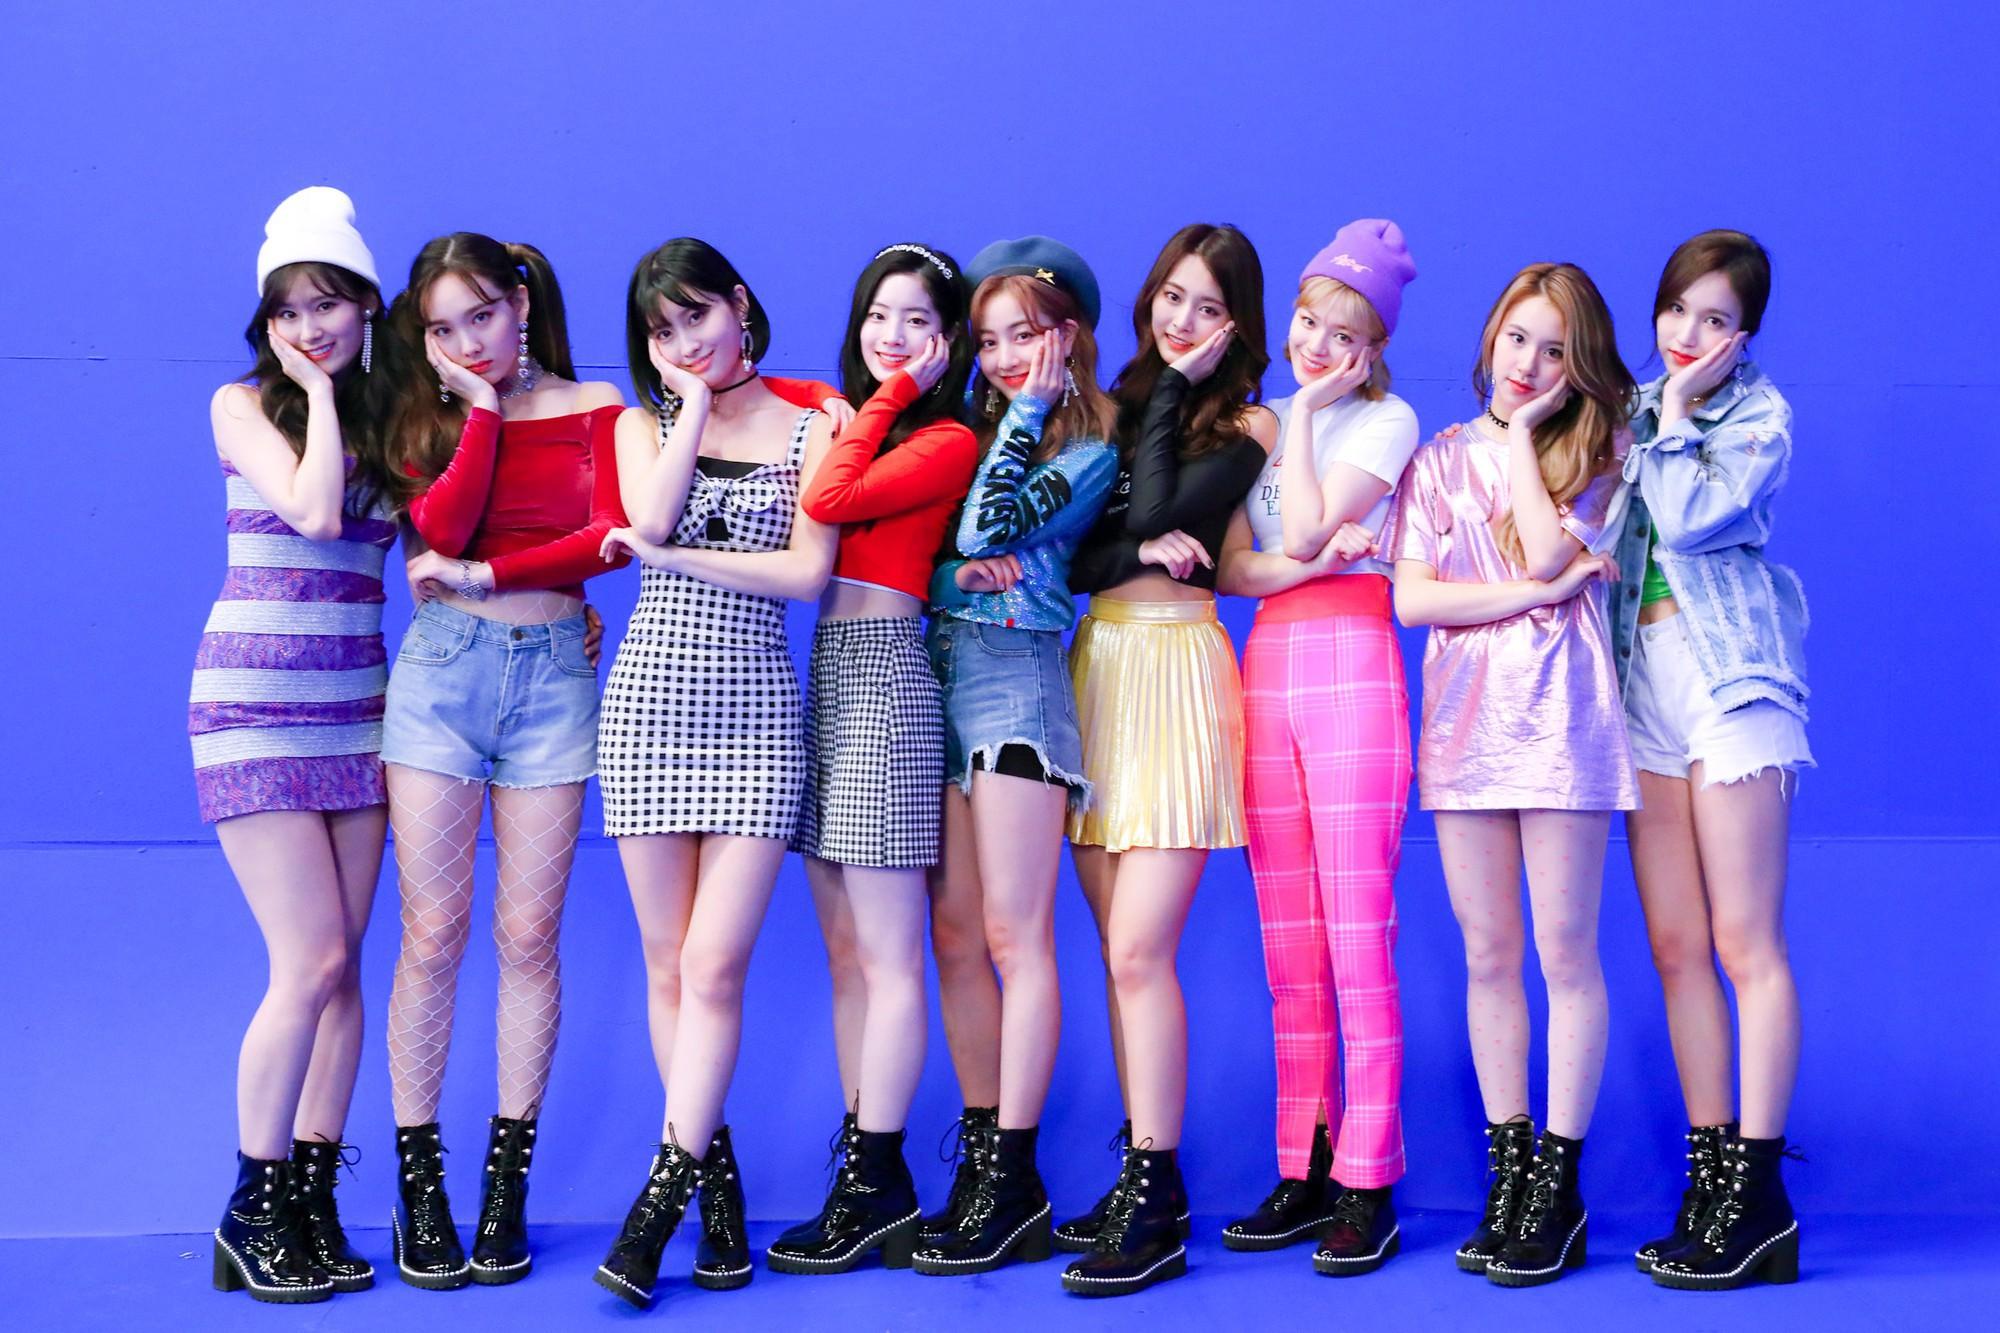 BXH những album cũ bán chạy nhất của các girlgroup Kpop lộ diện, tiếc nuối cho nhóm nhạc xếp vị trí thứ 3 - Ảnh 5.